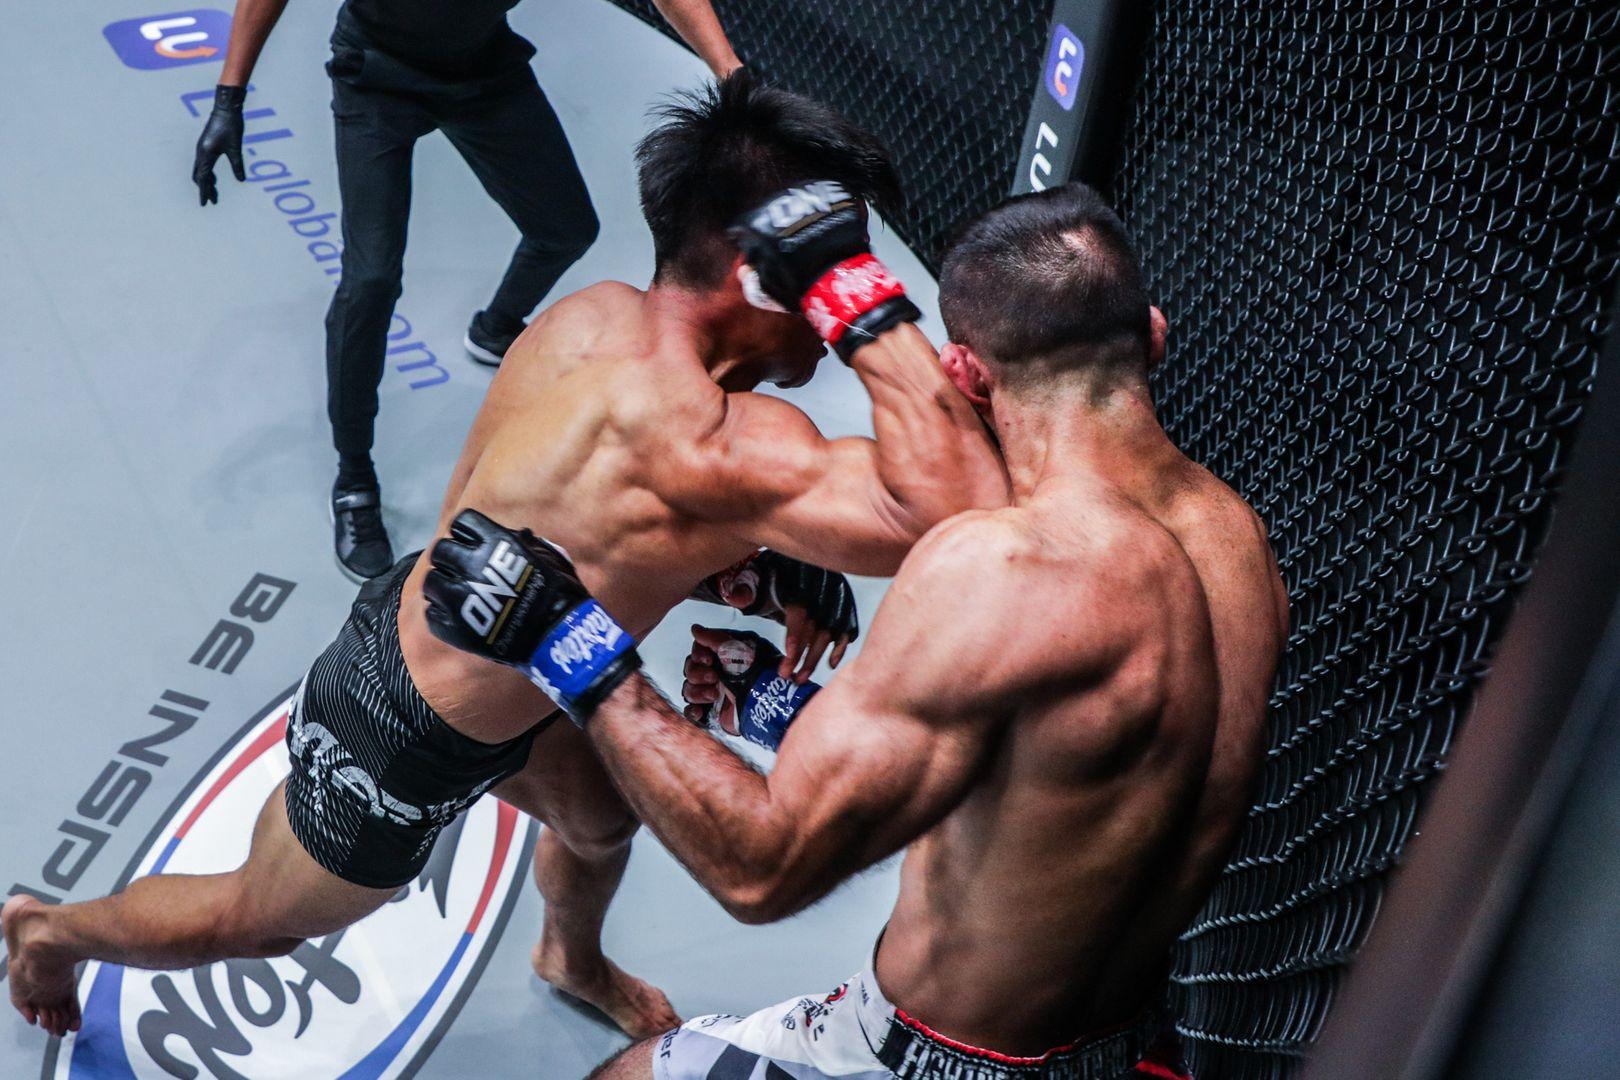 MMA fight: Mark Fairtex Abelardo fights Emilio Urrutia at ONE: FISTS OF FURY II